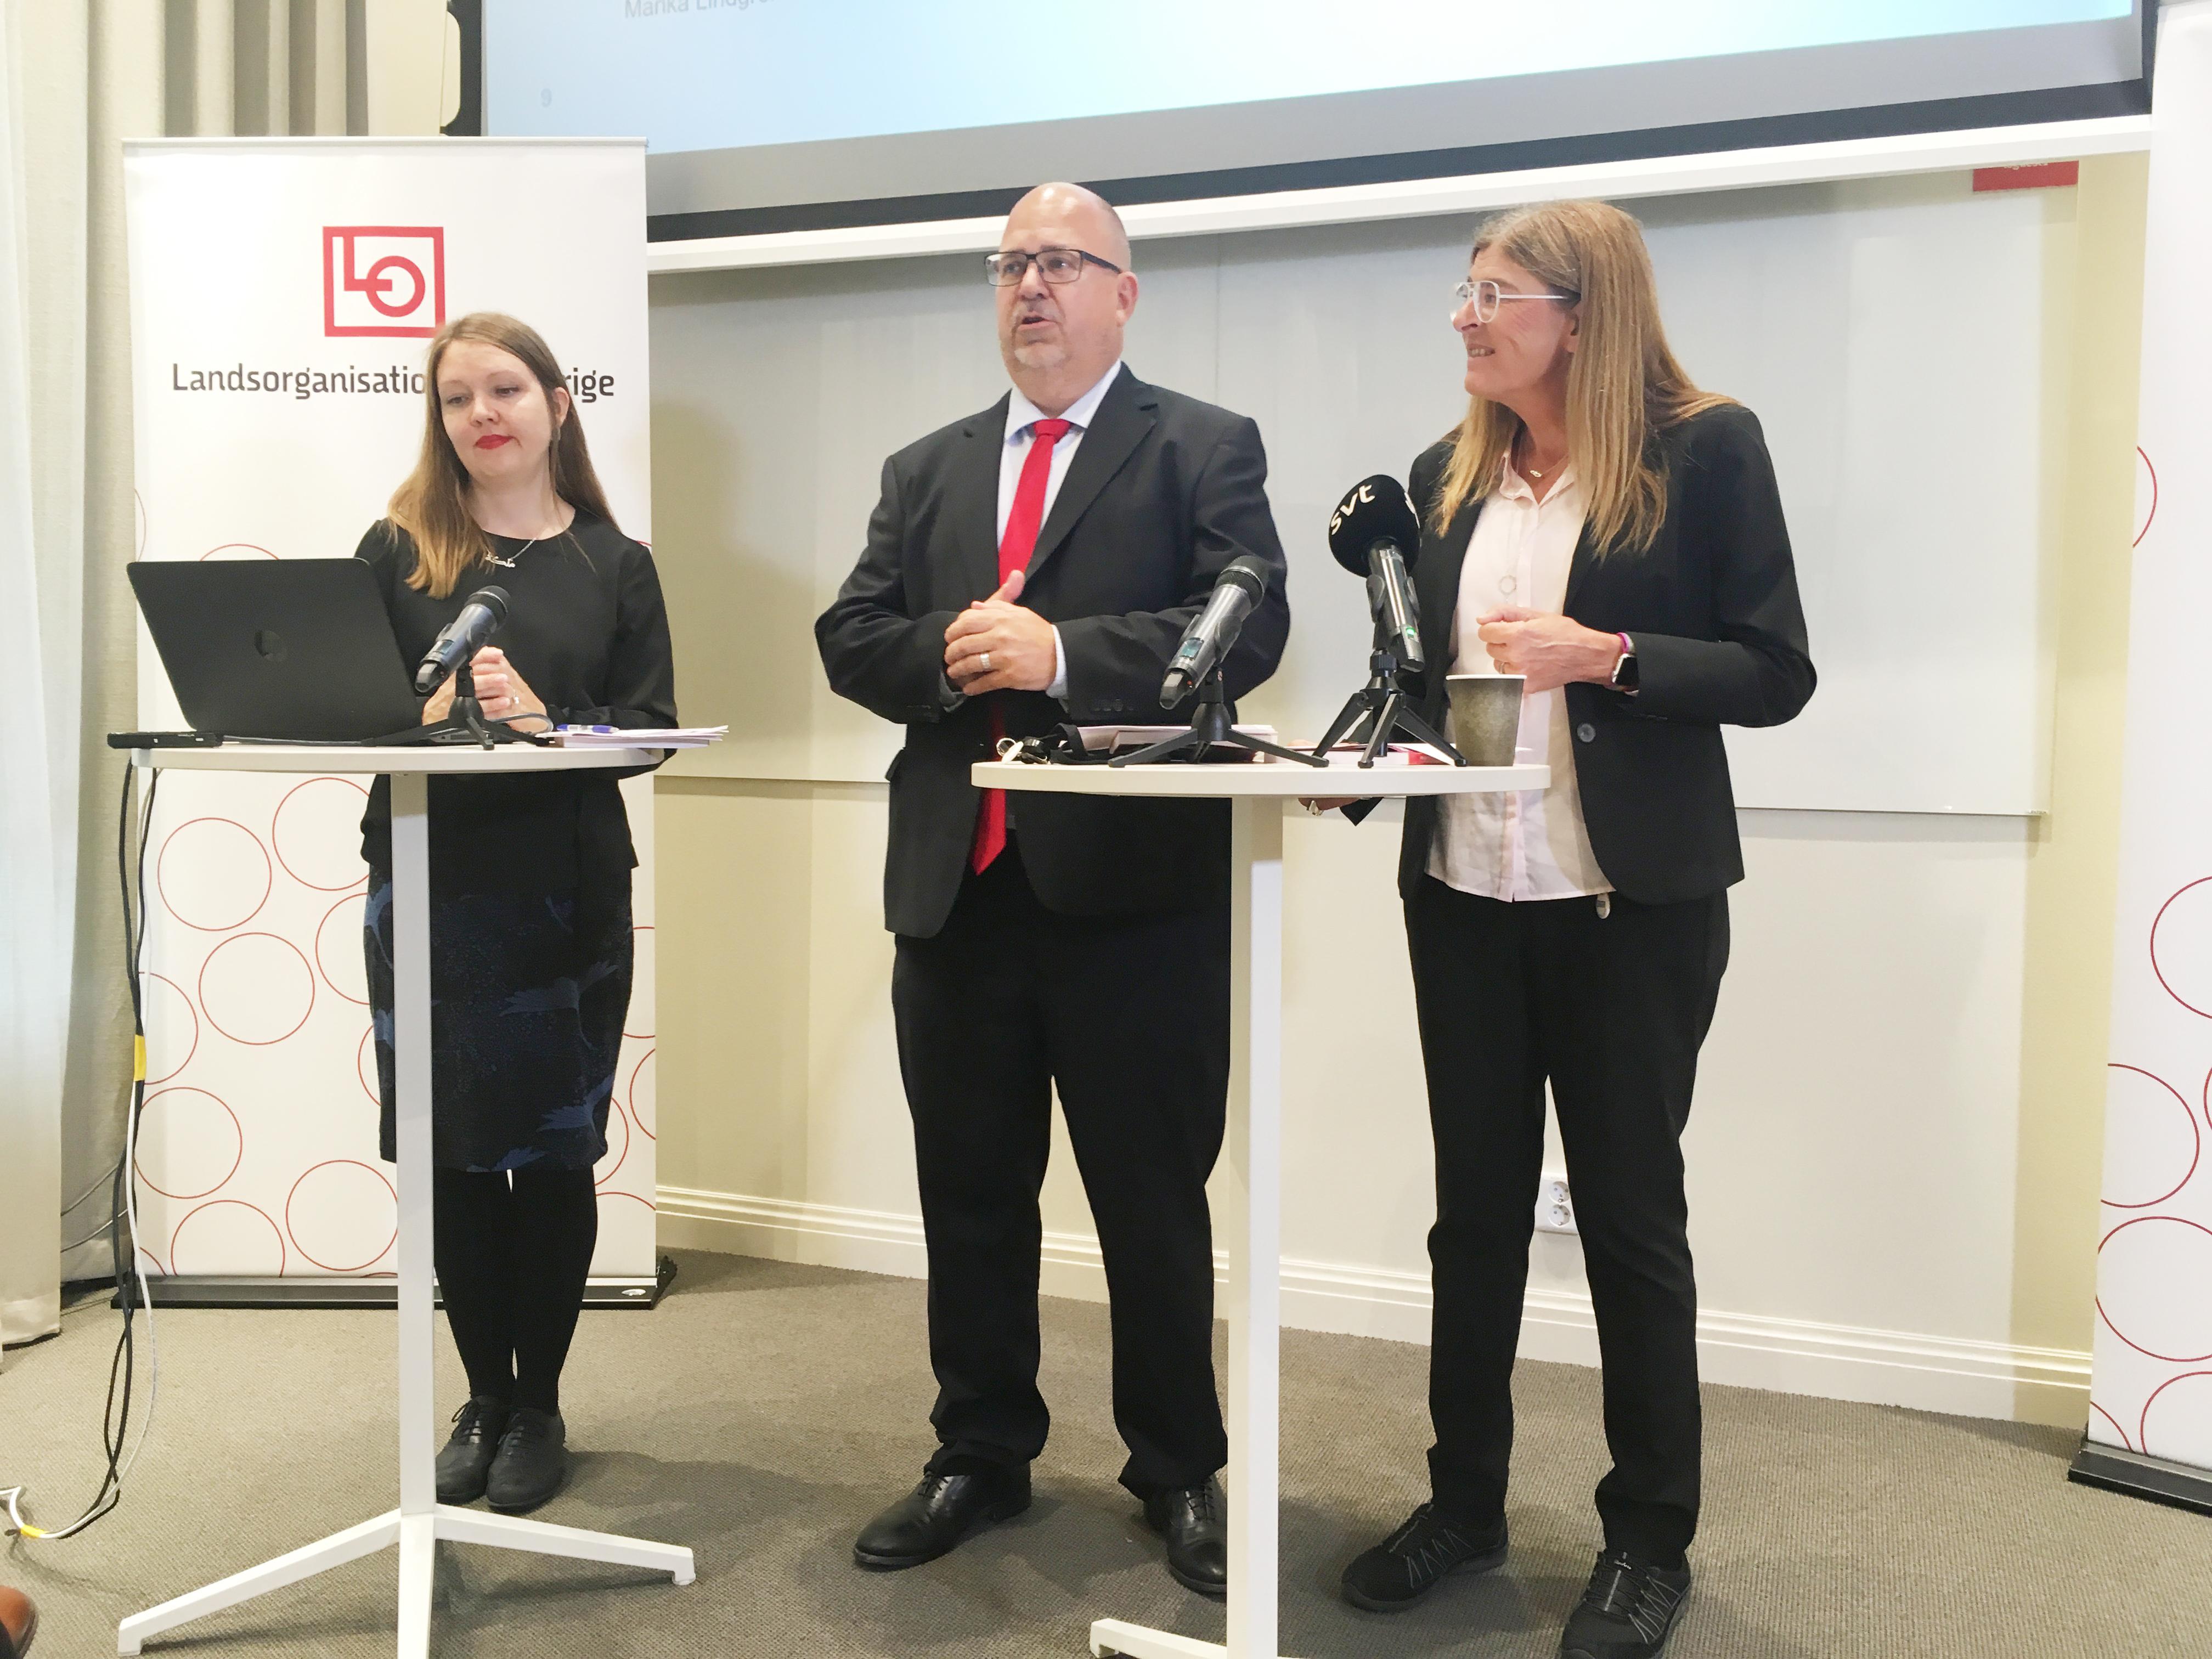 Sa Vill Lo Gora Sverige Mer Jamlikt Kommunalarbetaren